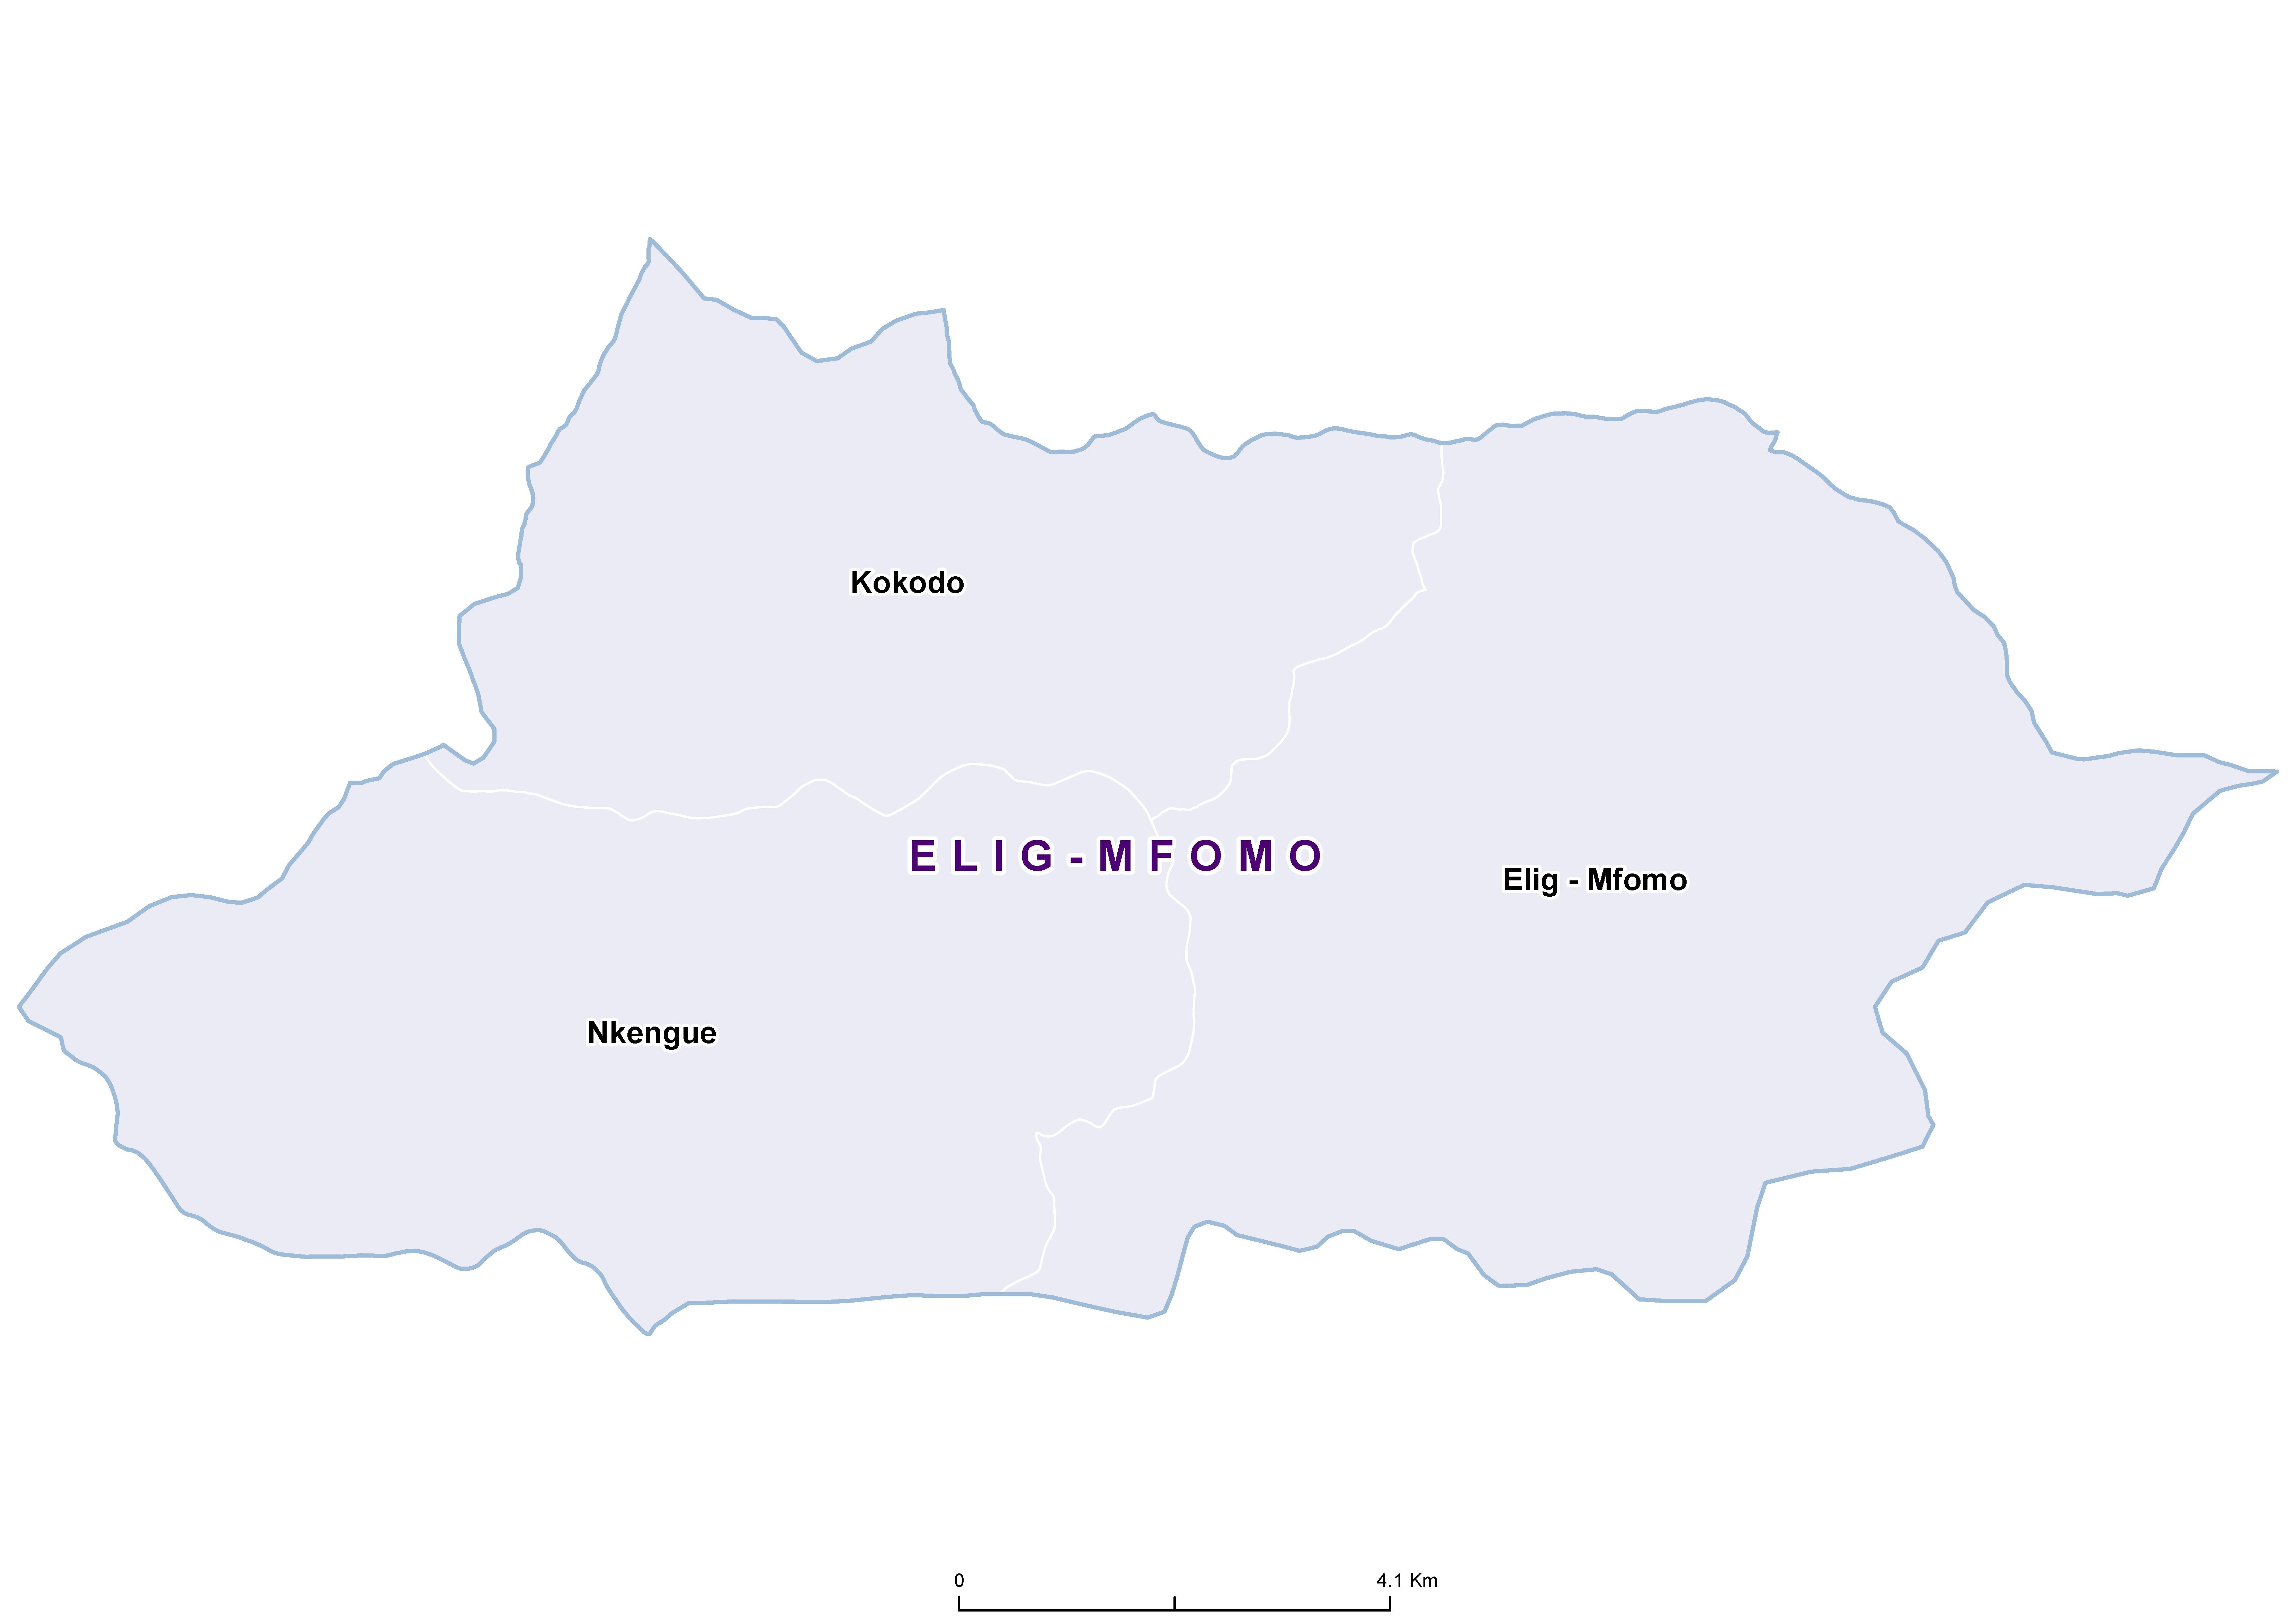 Elig-mfomo SCH 20180001